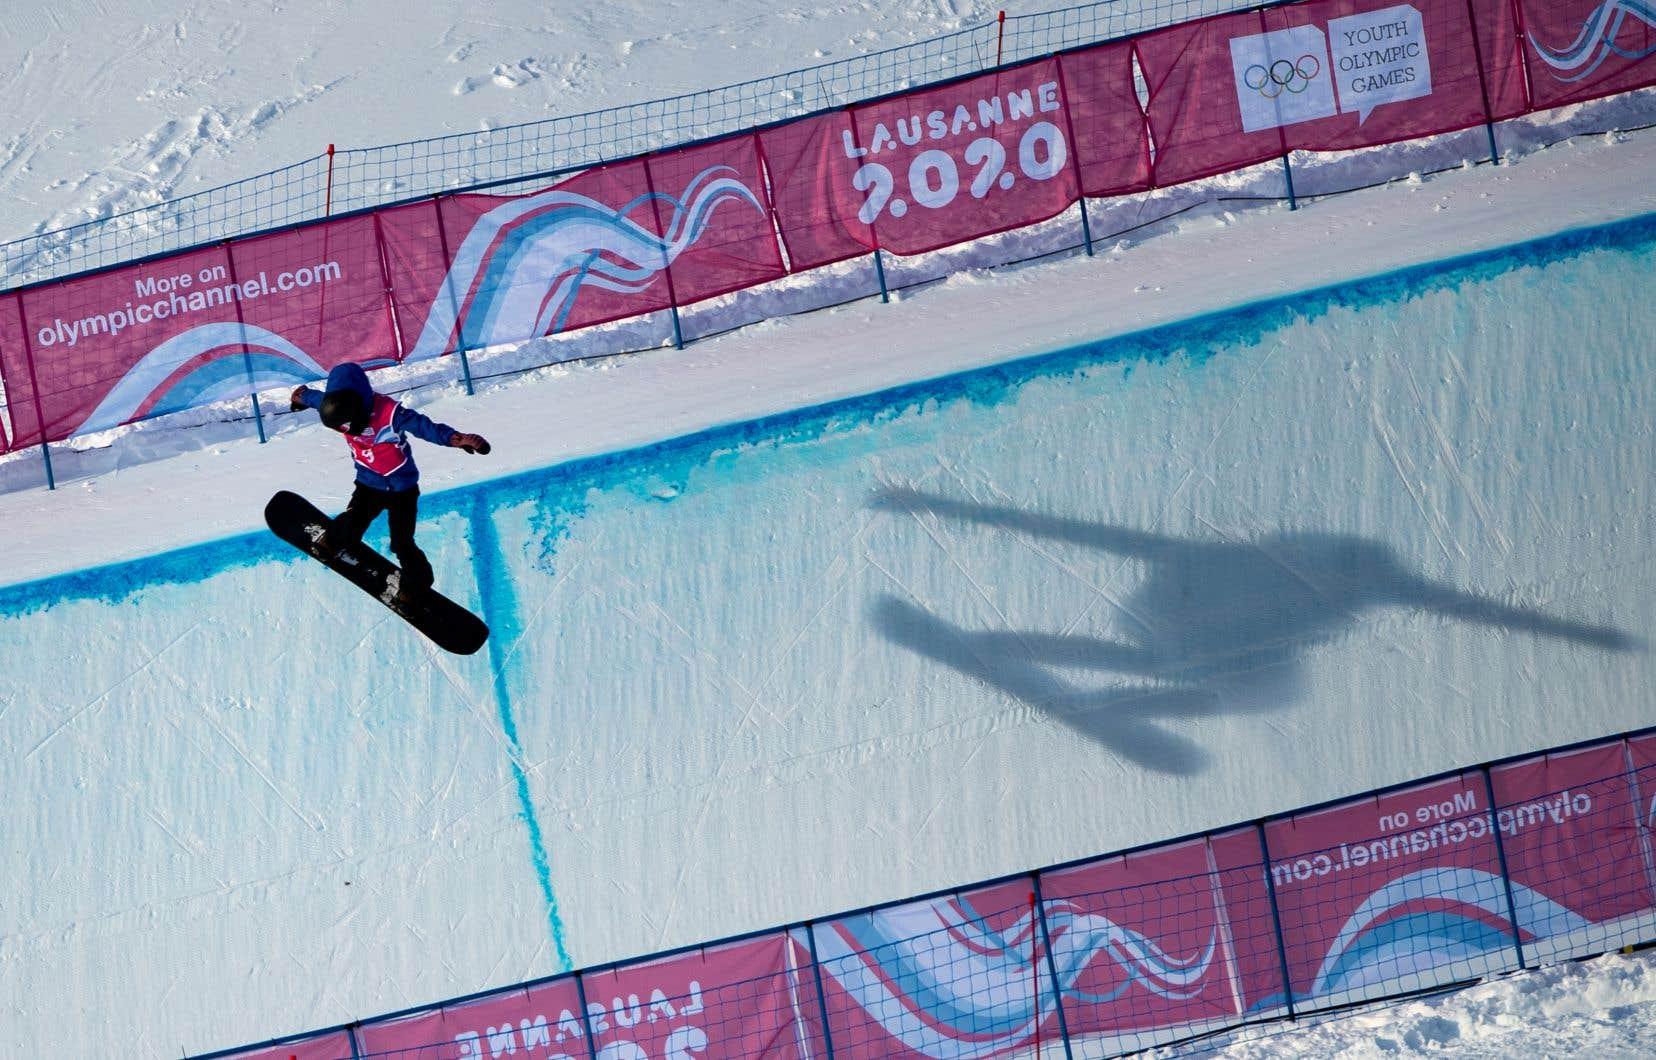 La Suisse a accueilli les Jeux olympiques de la jeunesse à Lausanne.